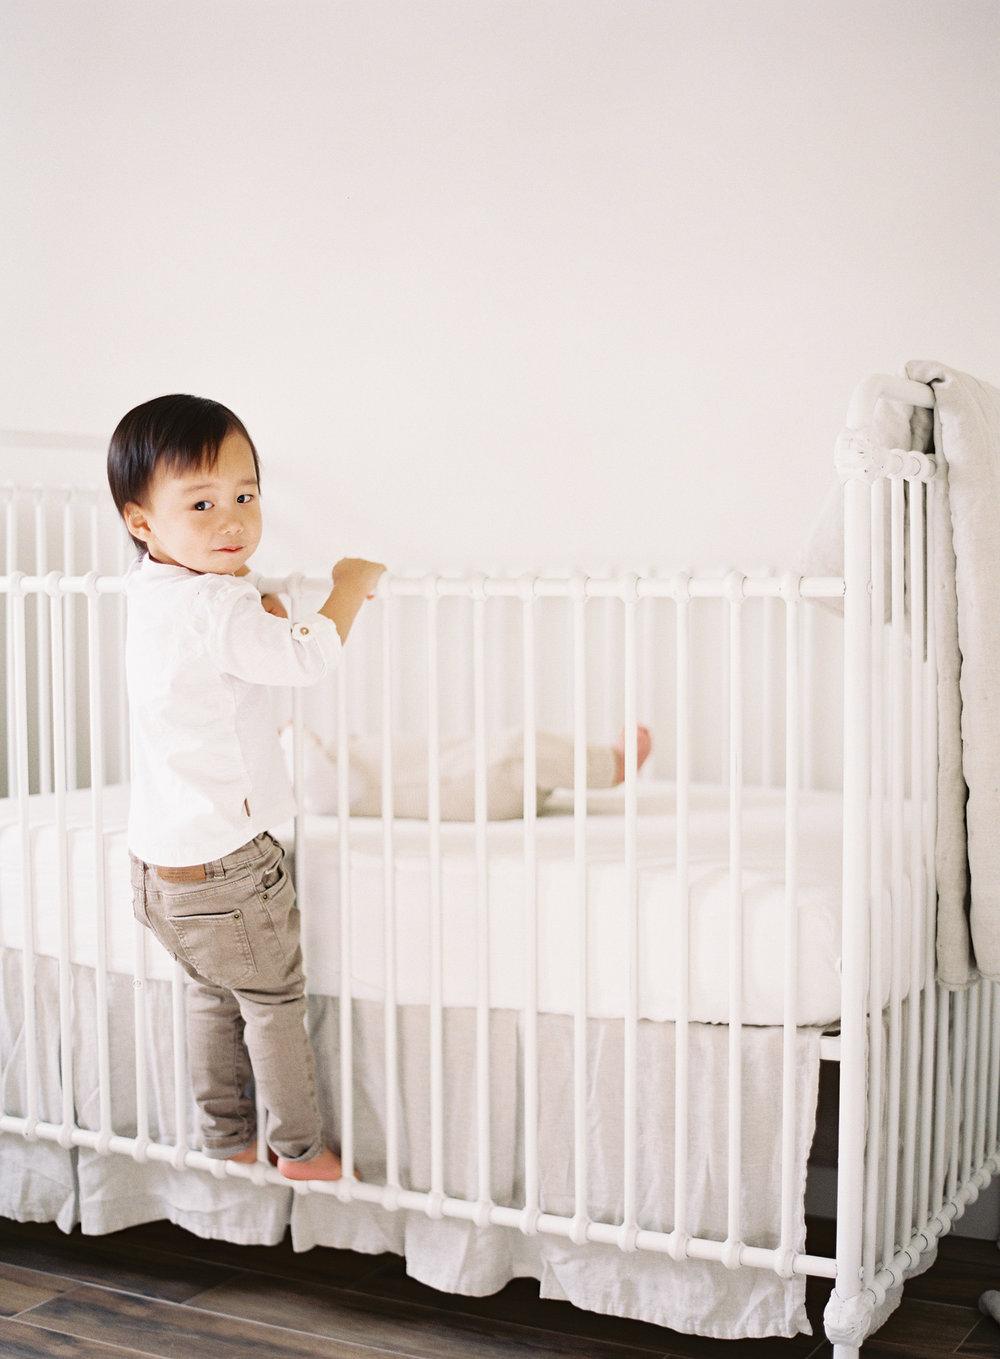 Pasadena_Newborn_Photos-21-Jen_Huang-008847-R1-009.jpg